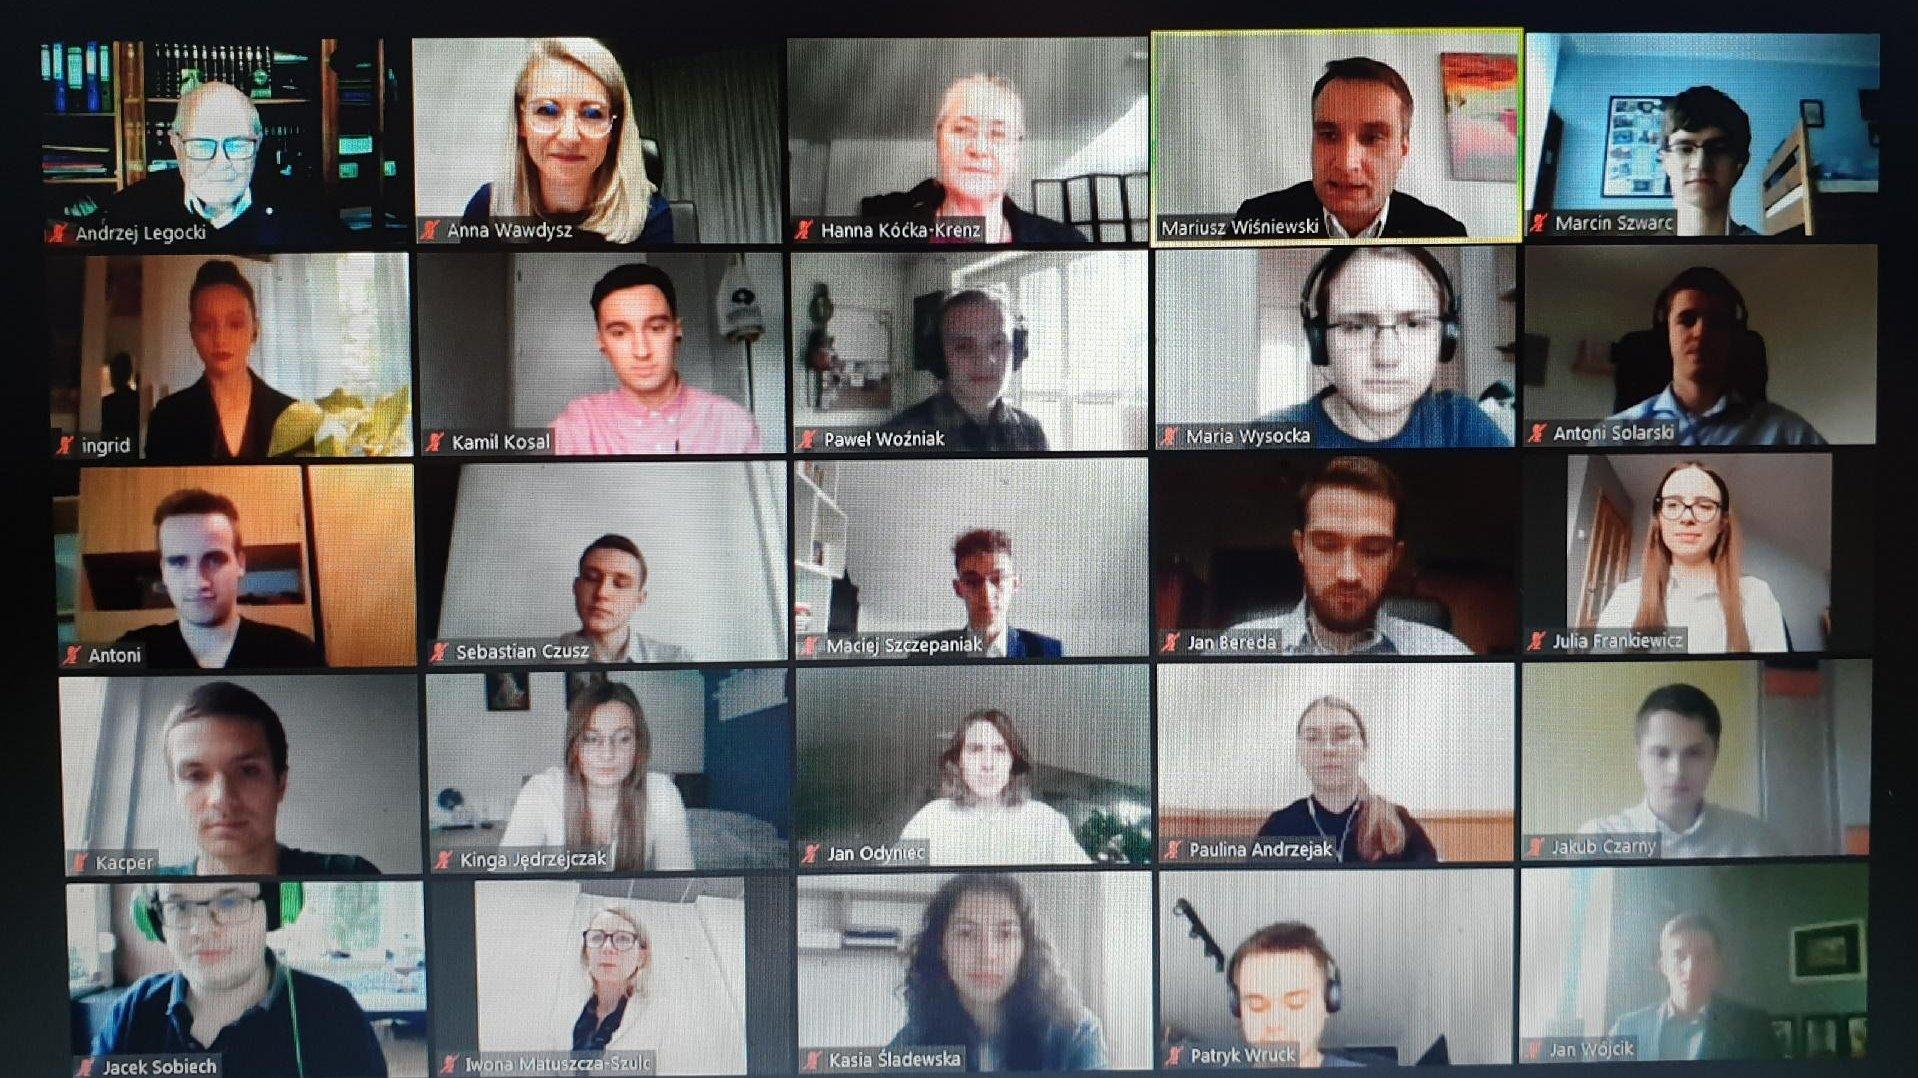 Zdjęcie przedstawia platformę do komunikacji online. W kilkunastu oknach widać twarze uczestników uroczystości przyznania stypendiów. - grafika artykułu